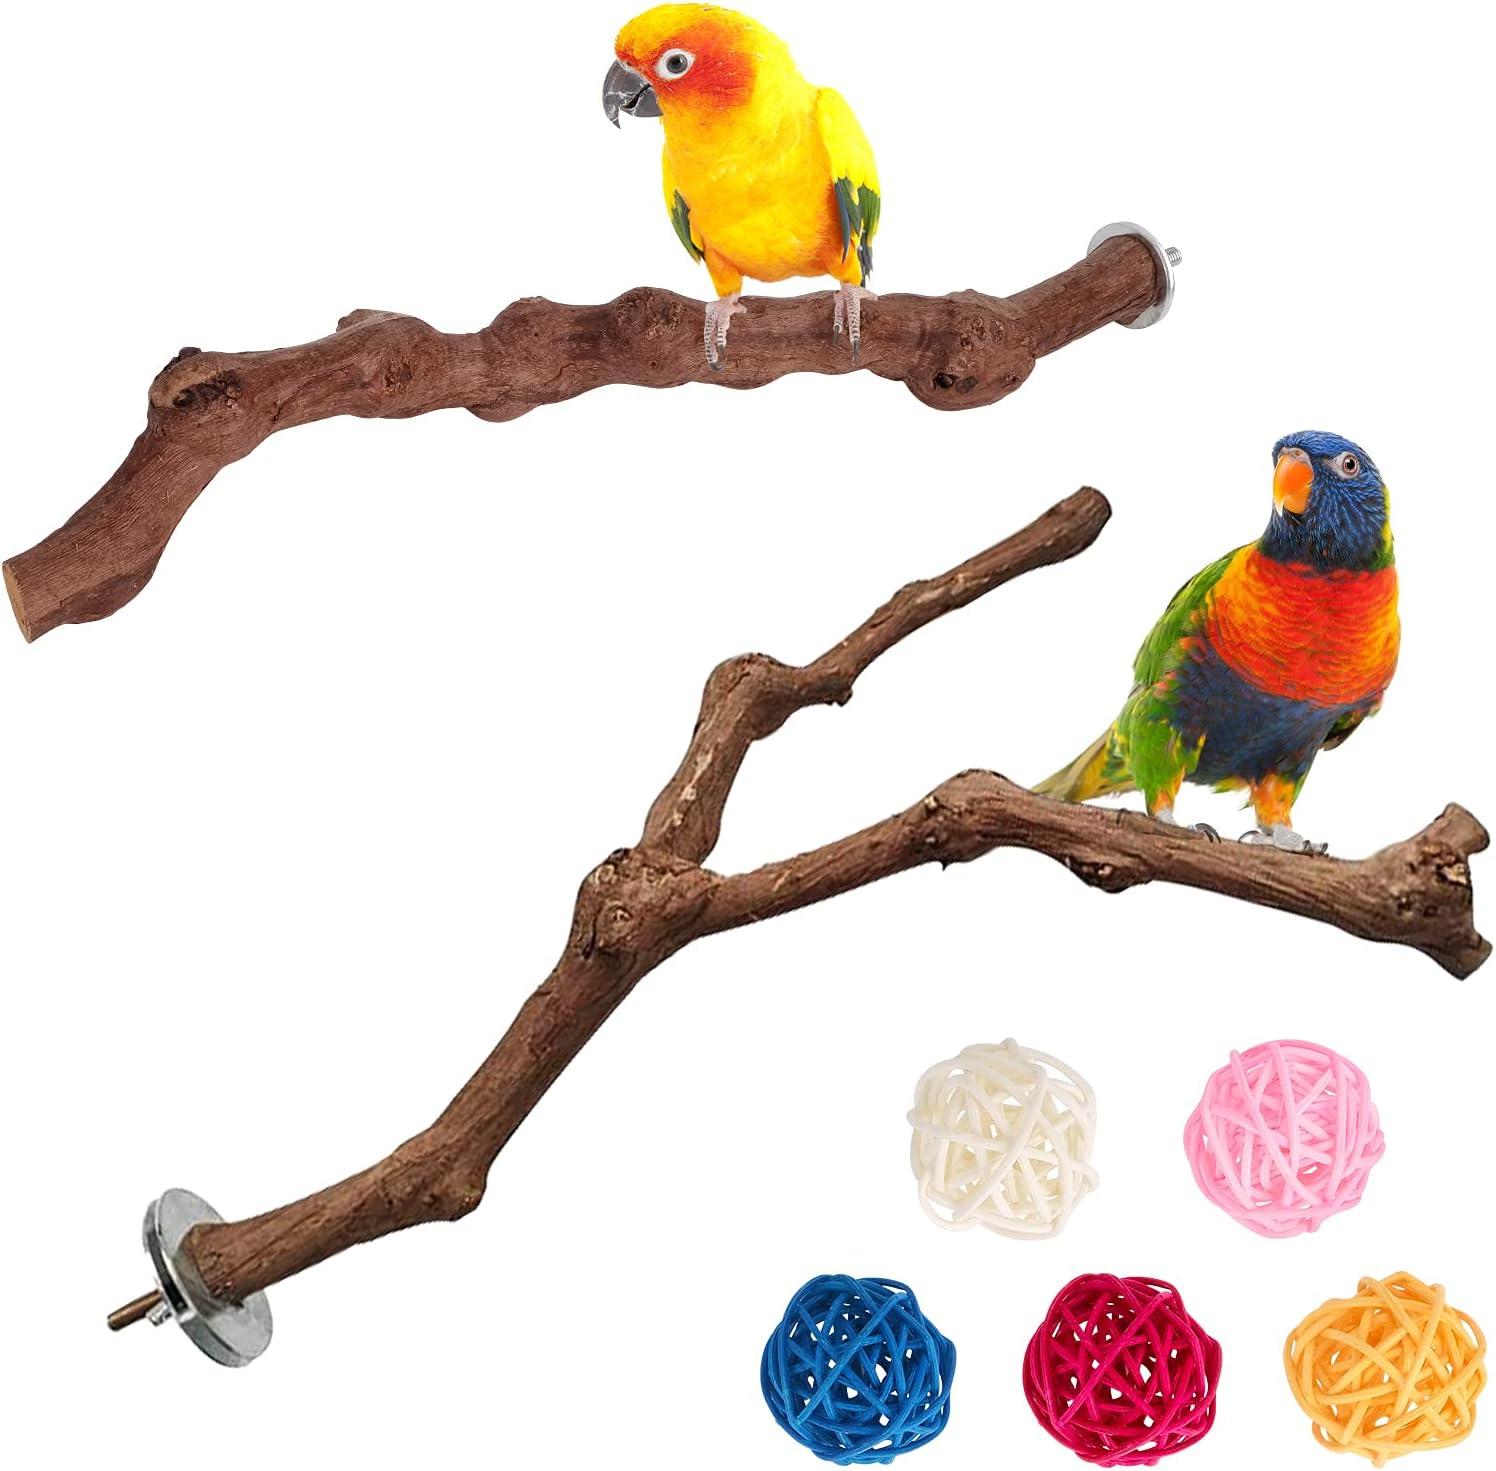 DEHUA Juego de 2 perchas de madera natural con diseño de pájaros, soporte para pájaros, varas de uvas naturales, set para pájaros, accesorios para jaula de pájaros